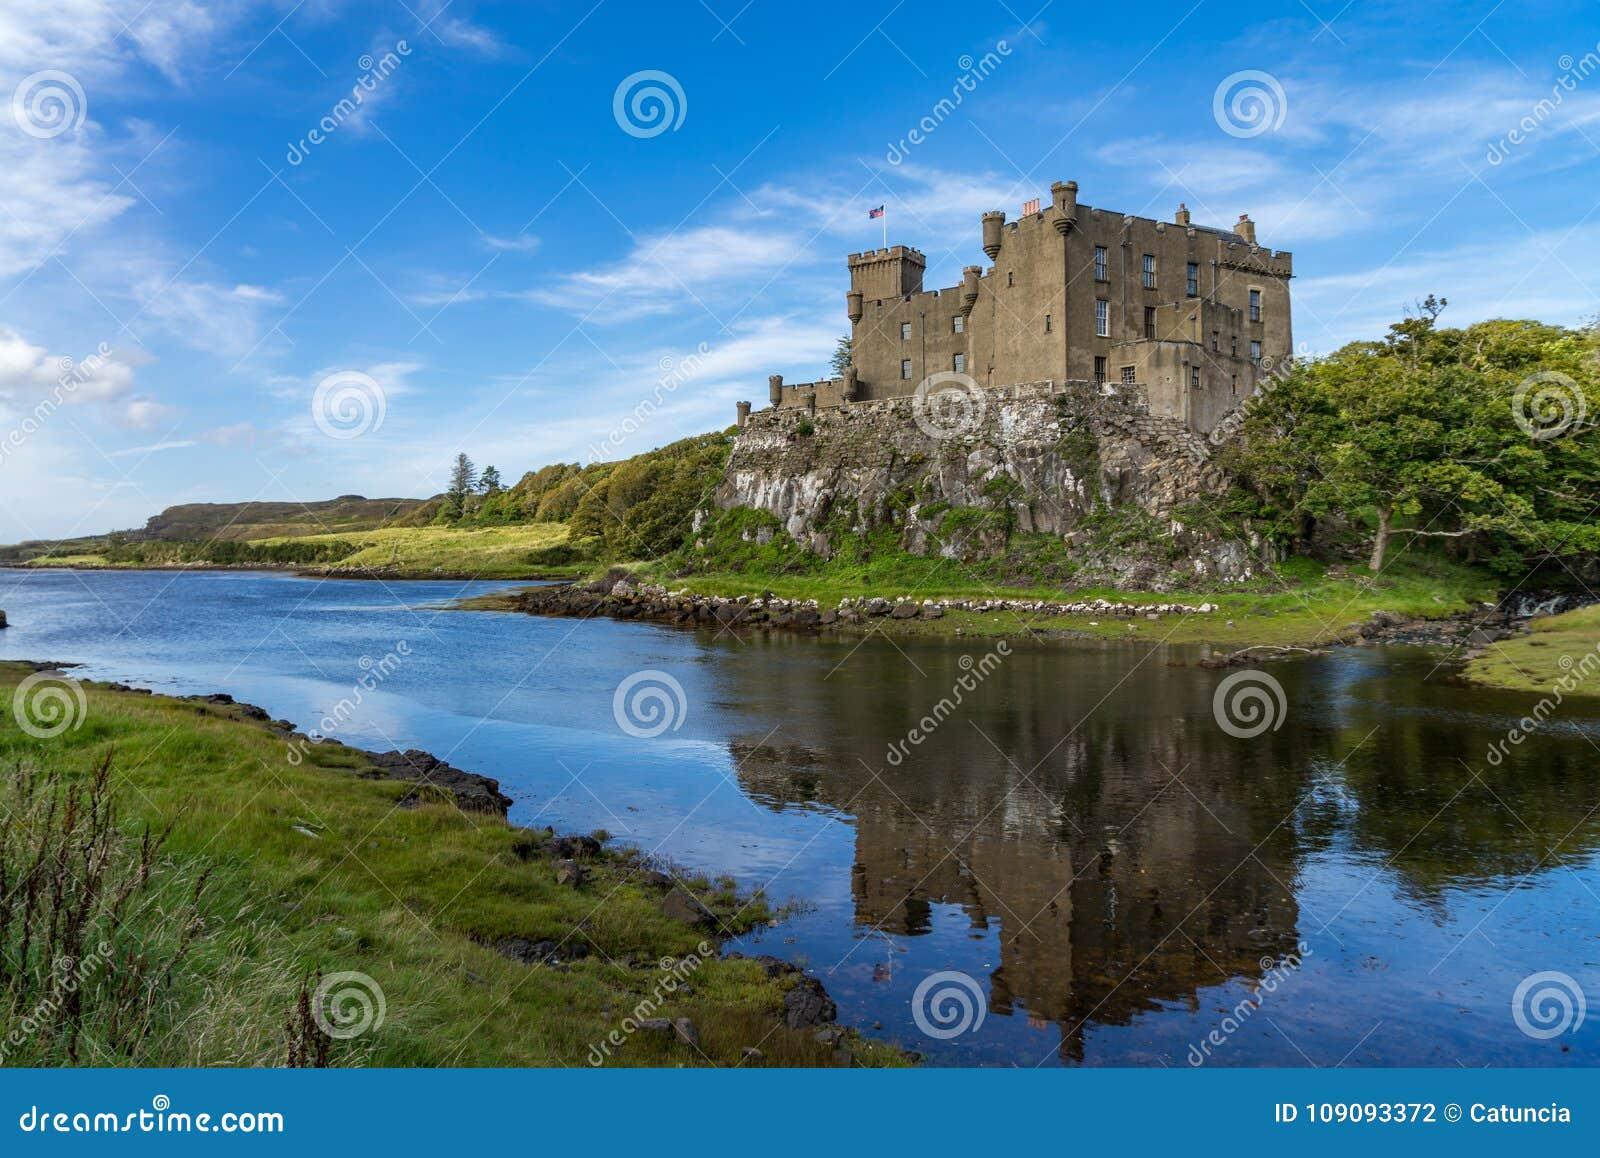 Castillo y puerto de Dunvegan en la isla de Skye, Escocia